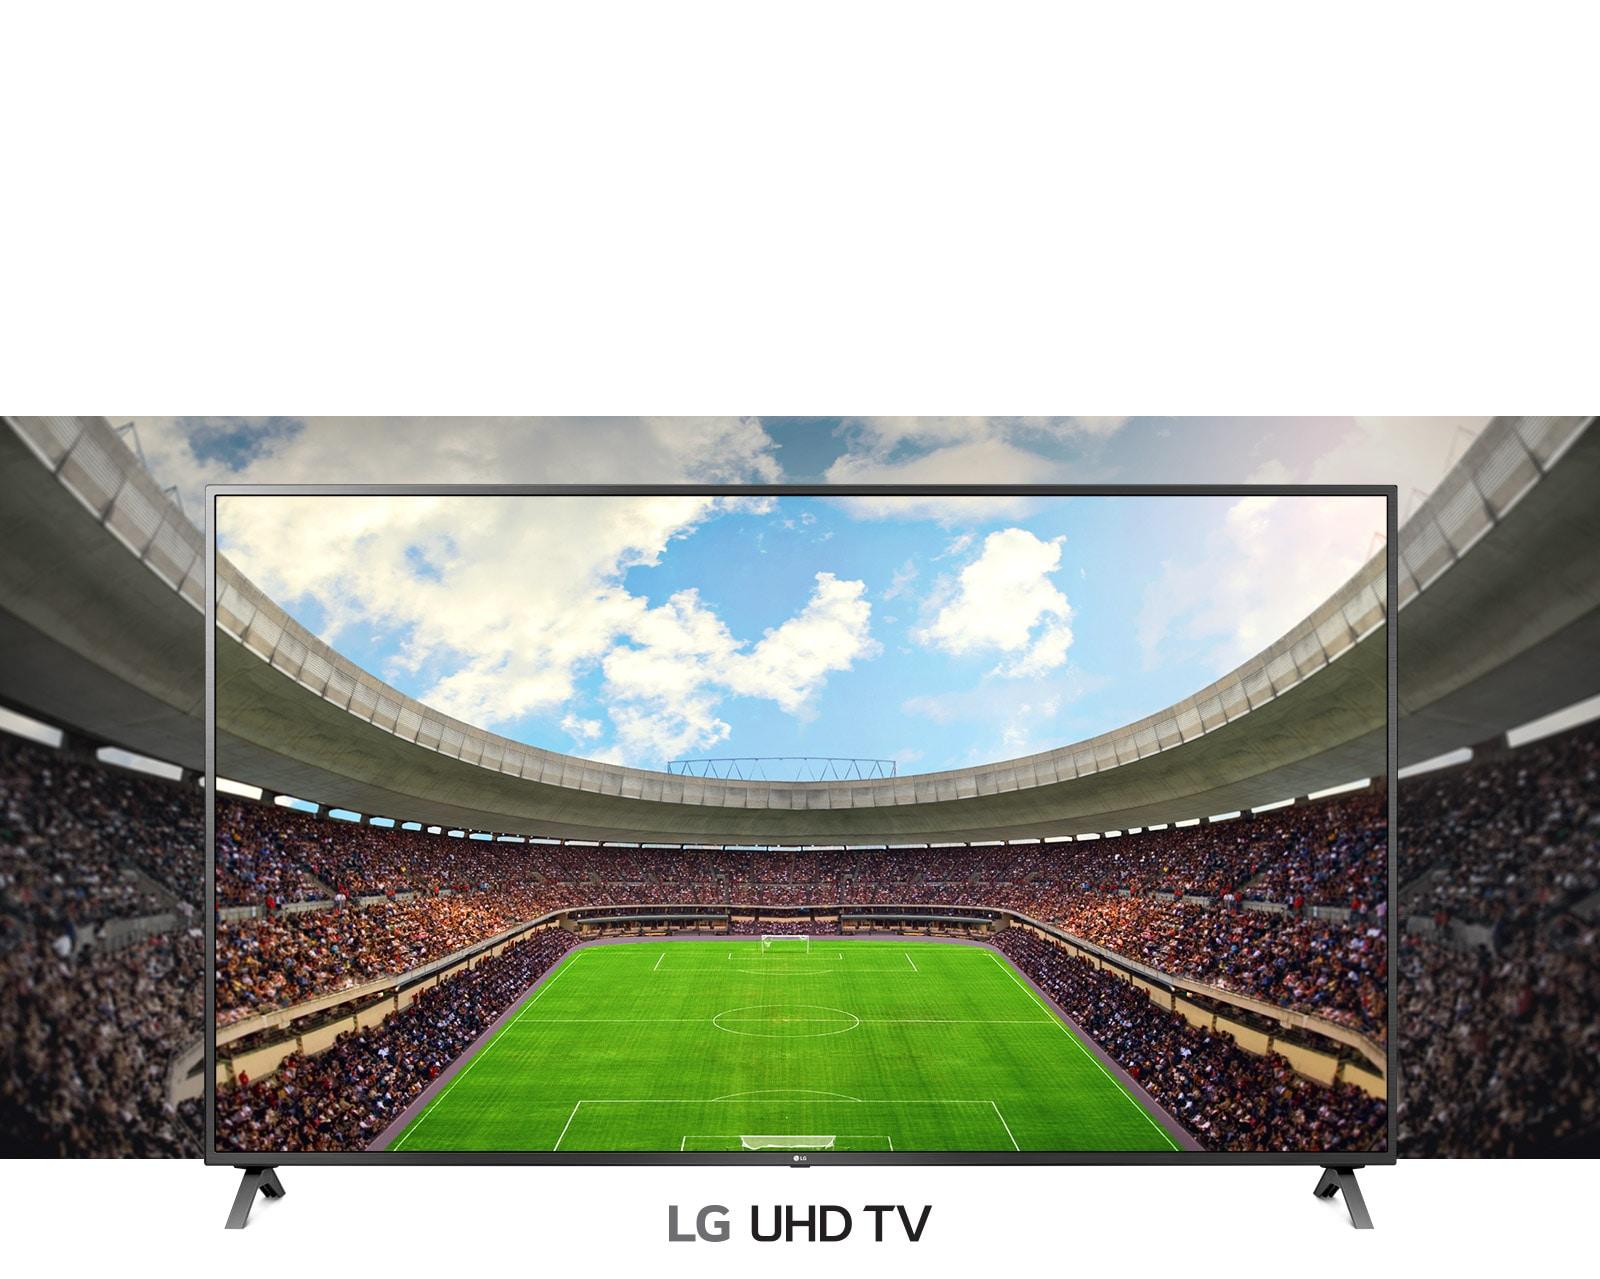 منظر بانورامي لملعب كرة القدم المليء بالمشاهدين داخل إطار تلفزيوني.